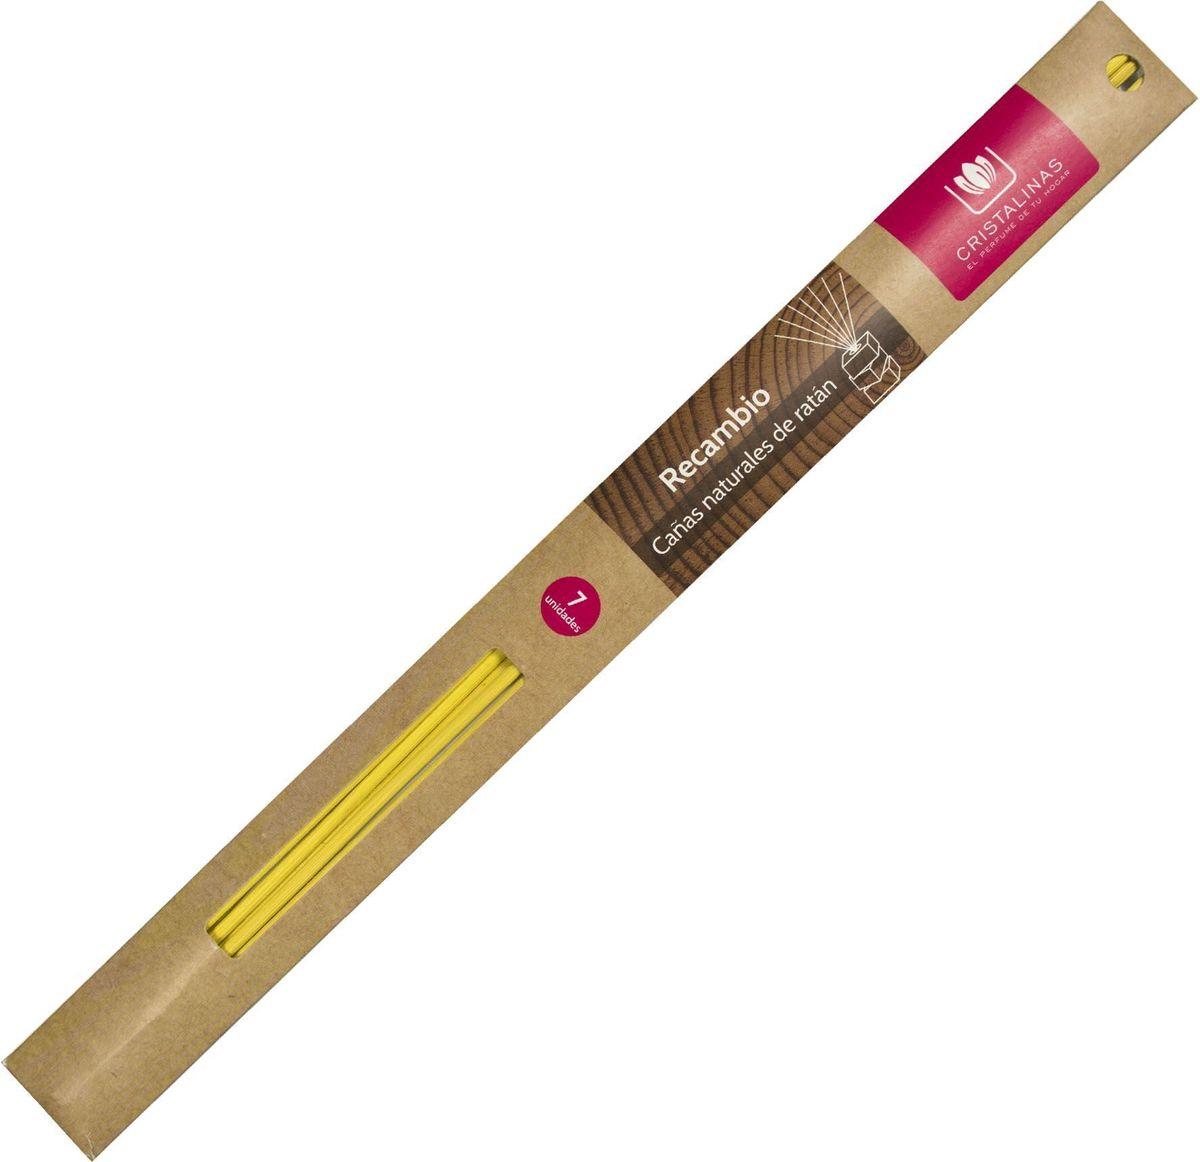 Палочки ротанговые Cristalinas Natural Wood, цвет: желтый, 7 шт.316330Главный атрибут любого арома-диффузора – это ротанговые палочки. Благодаря их особой пористой структуре ароматическое масло хорошо впитывается, затем поднимается из флакона вверх, наполняя помещение приятным ароматом. Можно использовать разное количество палочек, регулируя интенсивность аромата. Ротанговые палочки Cristalinas созданы из натурального дерева. Способ применения: поместить необходимое количество ротанговых палочек во флакон. Рекомендуется периодически переворачивать палочки для повышения интенсивности аромата. Состав: материал – ротанг.